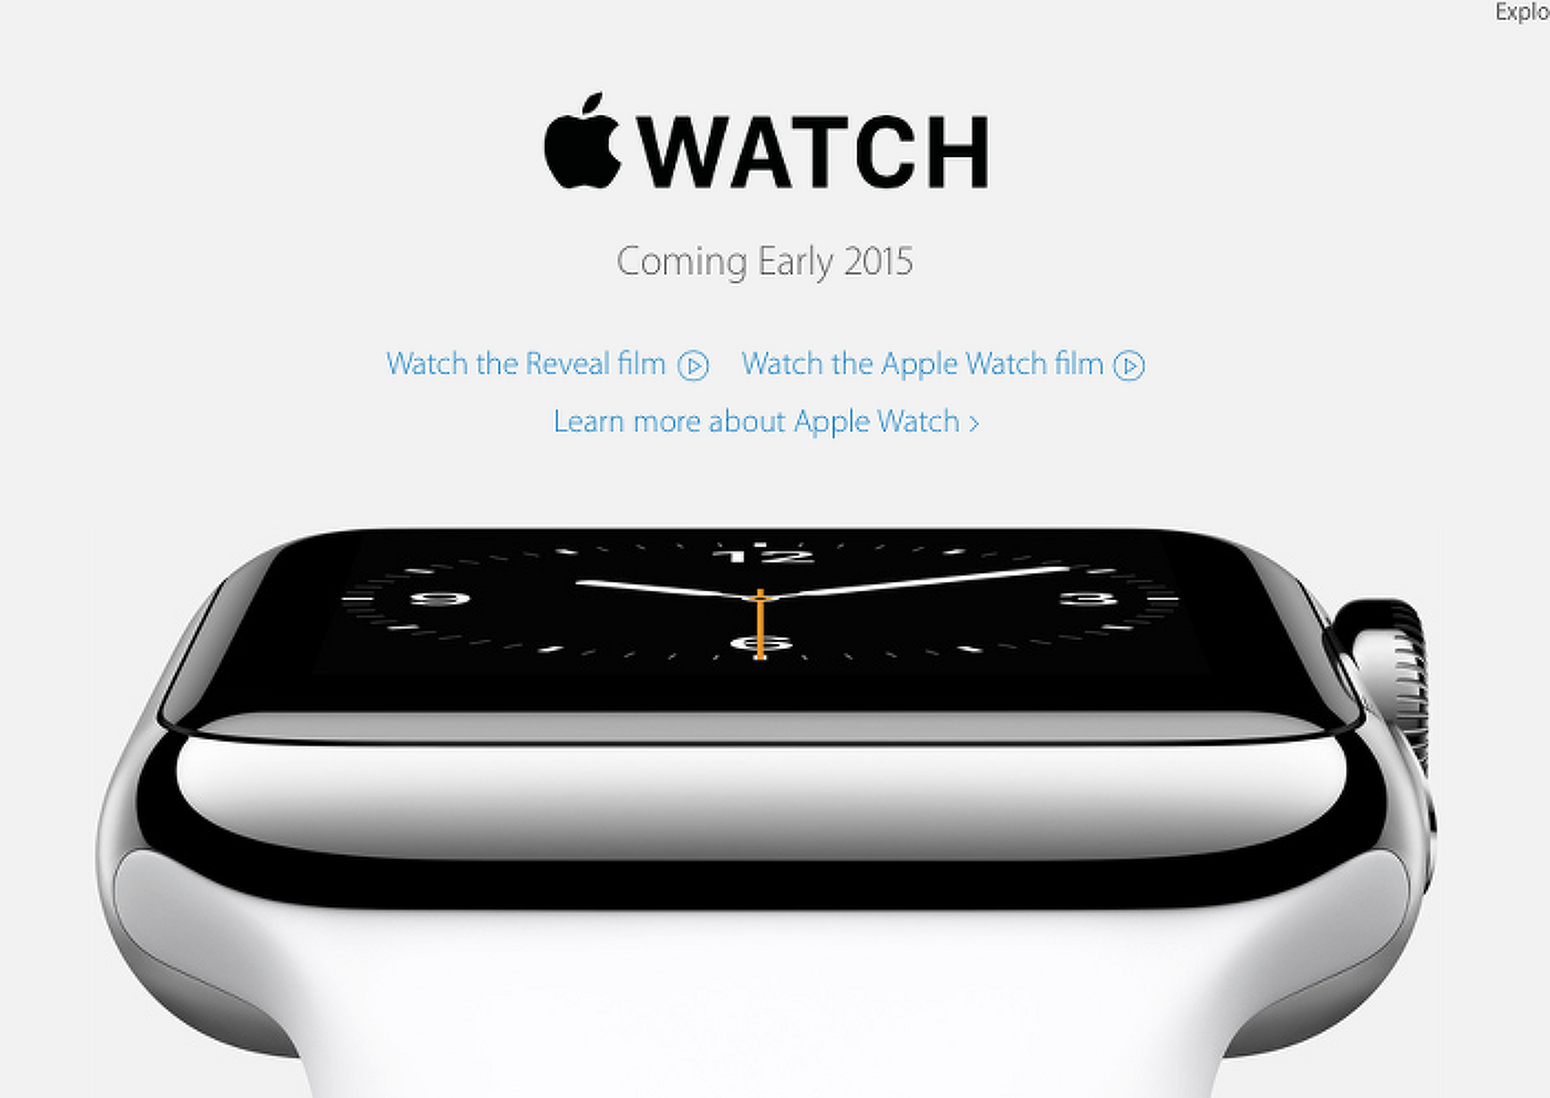 애플 와치는 과연 성공할 수 있을까? 글쎄...